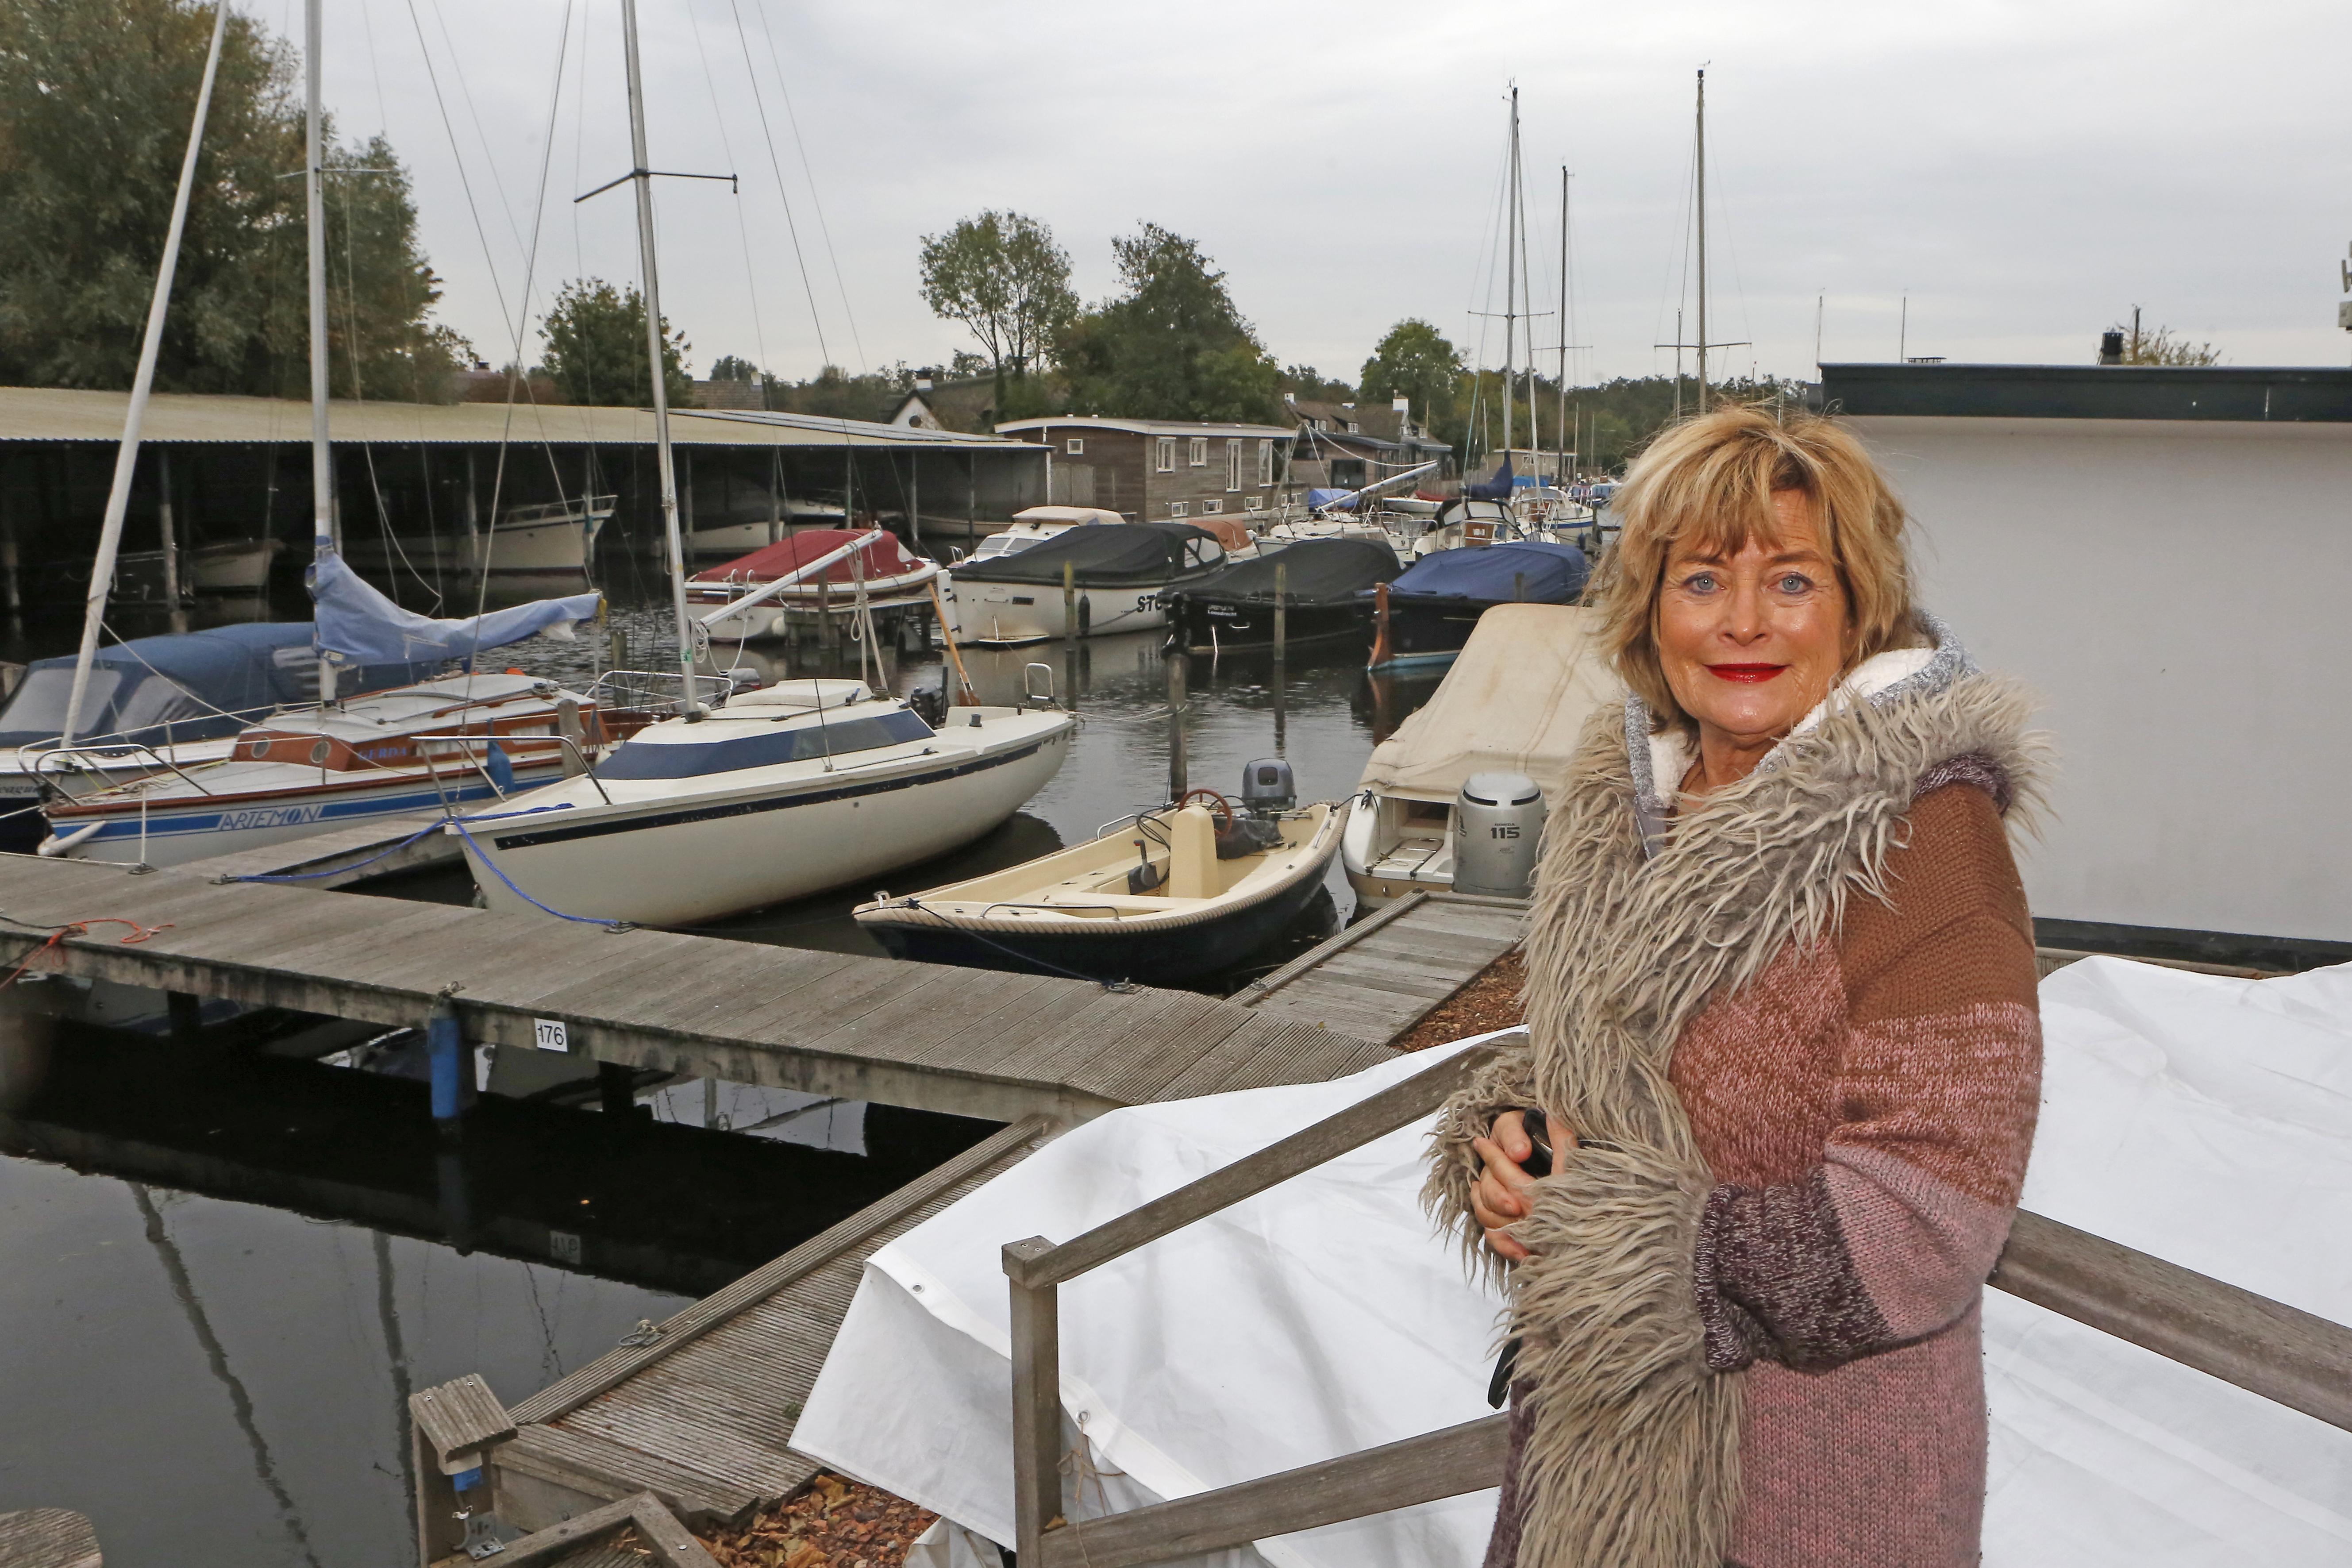 Woedende reacties op plan tientallen bungalows bij Loosdrechtse jachthaven De Otter: 'We moeten plaatsmaken voor de happy few'